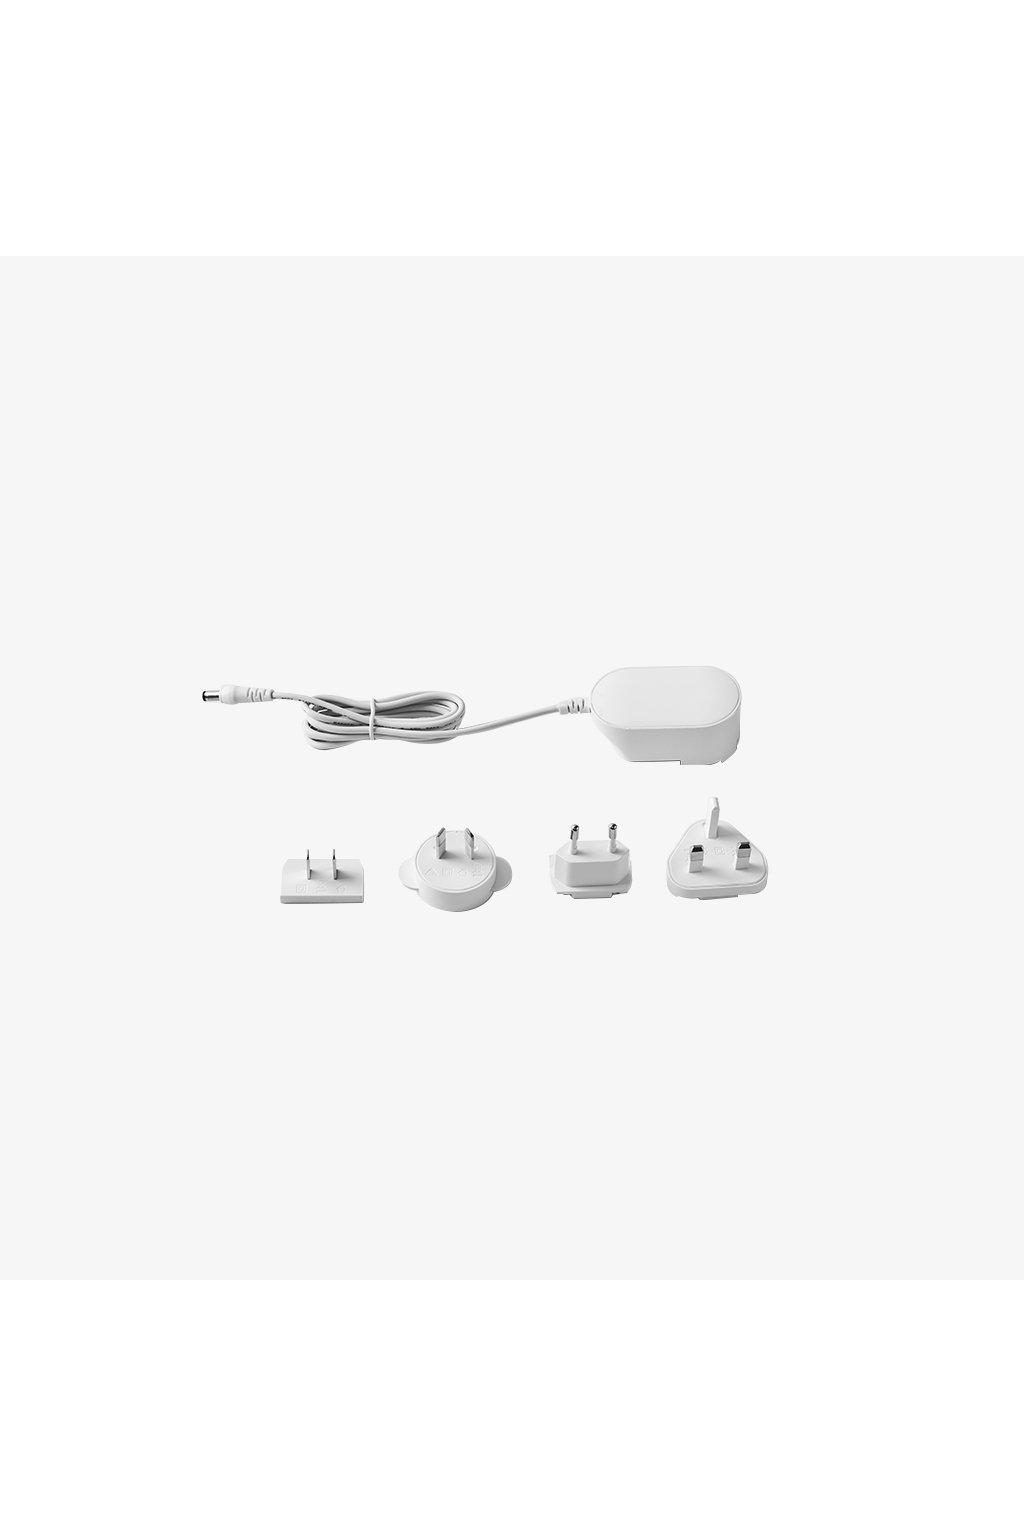 Foldio360 Multi Plug Adapter Set